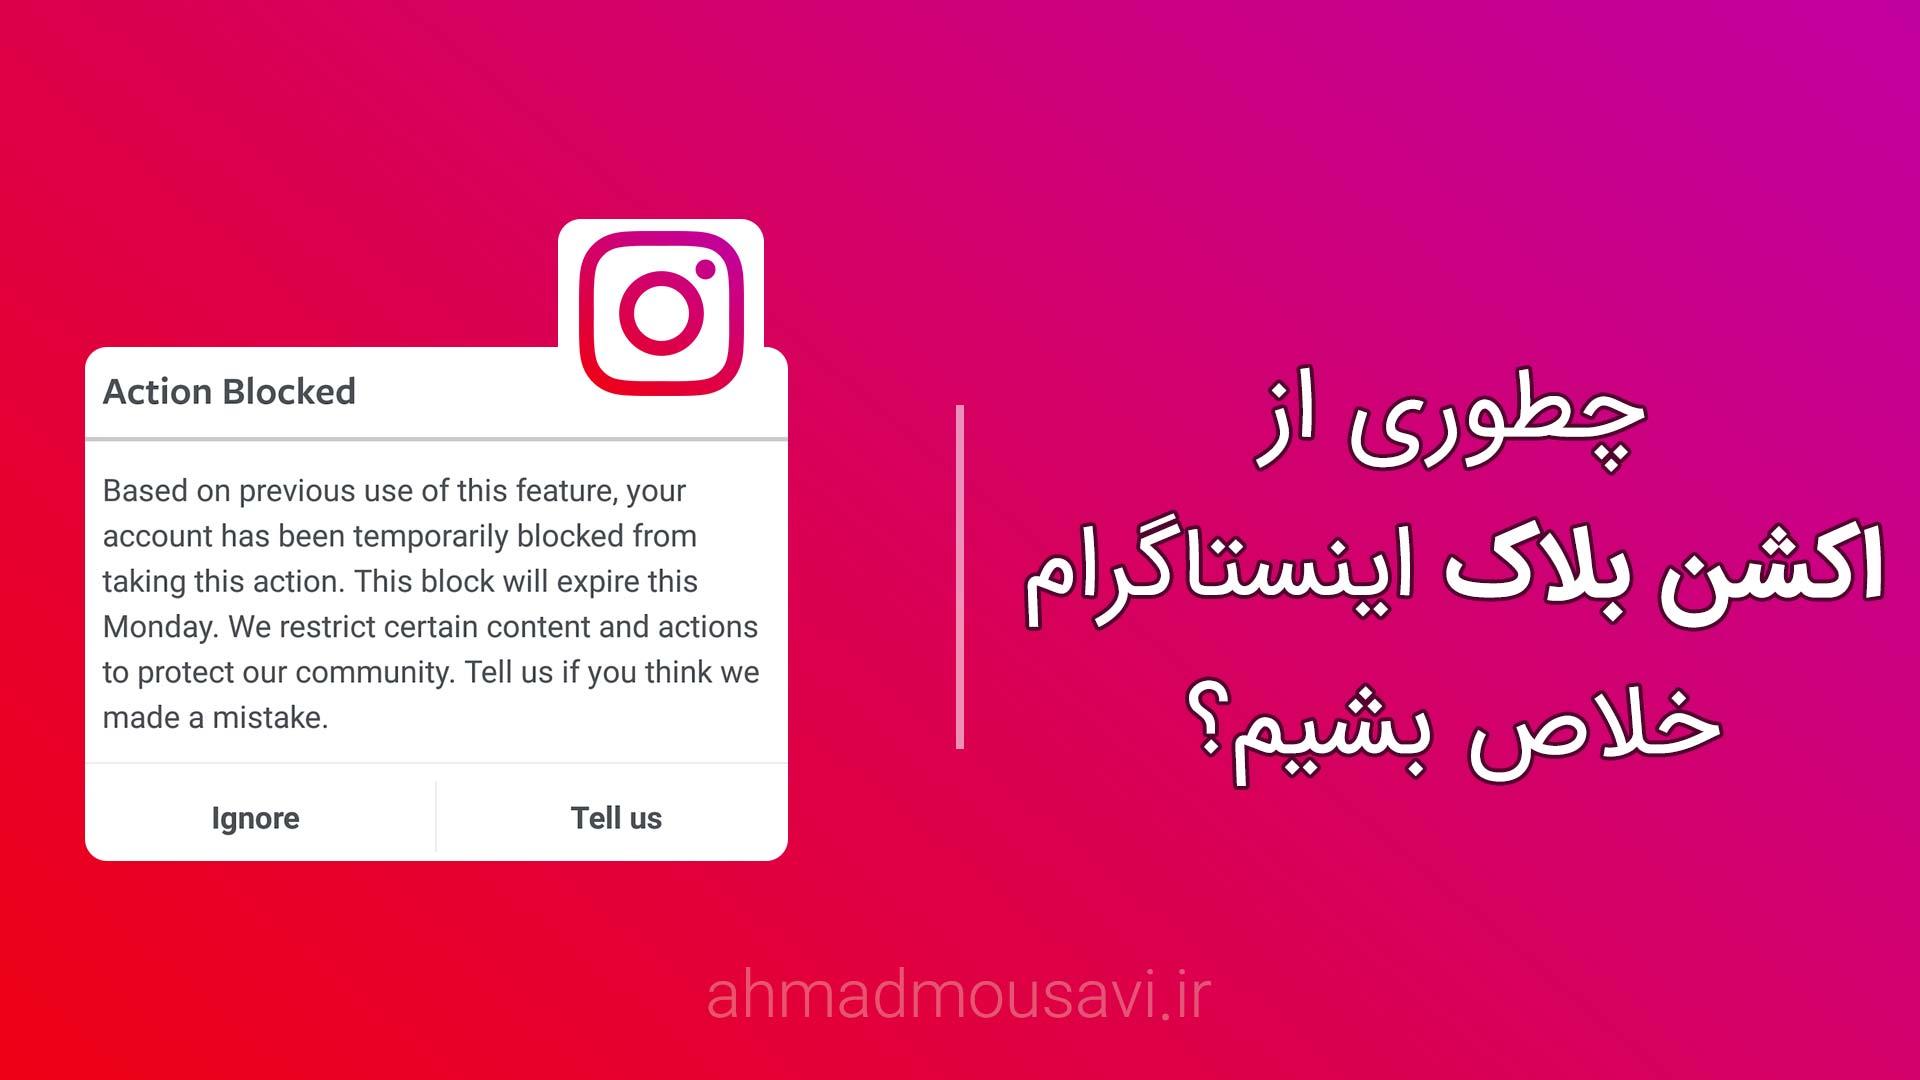 Photo of مشکل اکشن بلاک اینستاگرام حل شد!